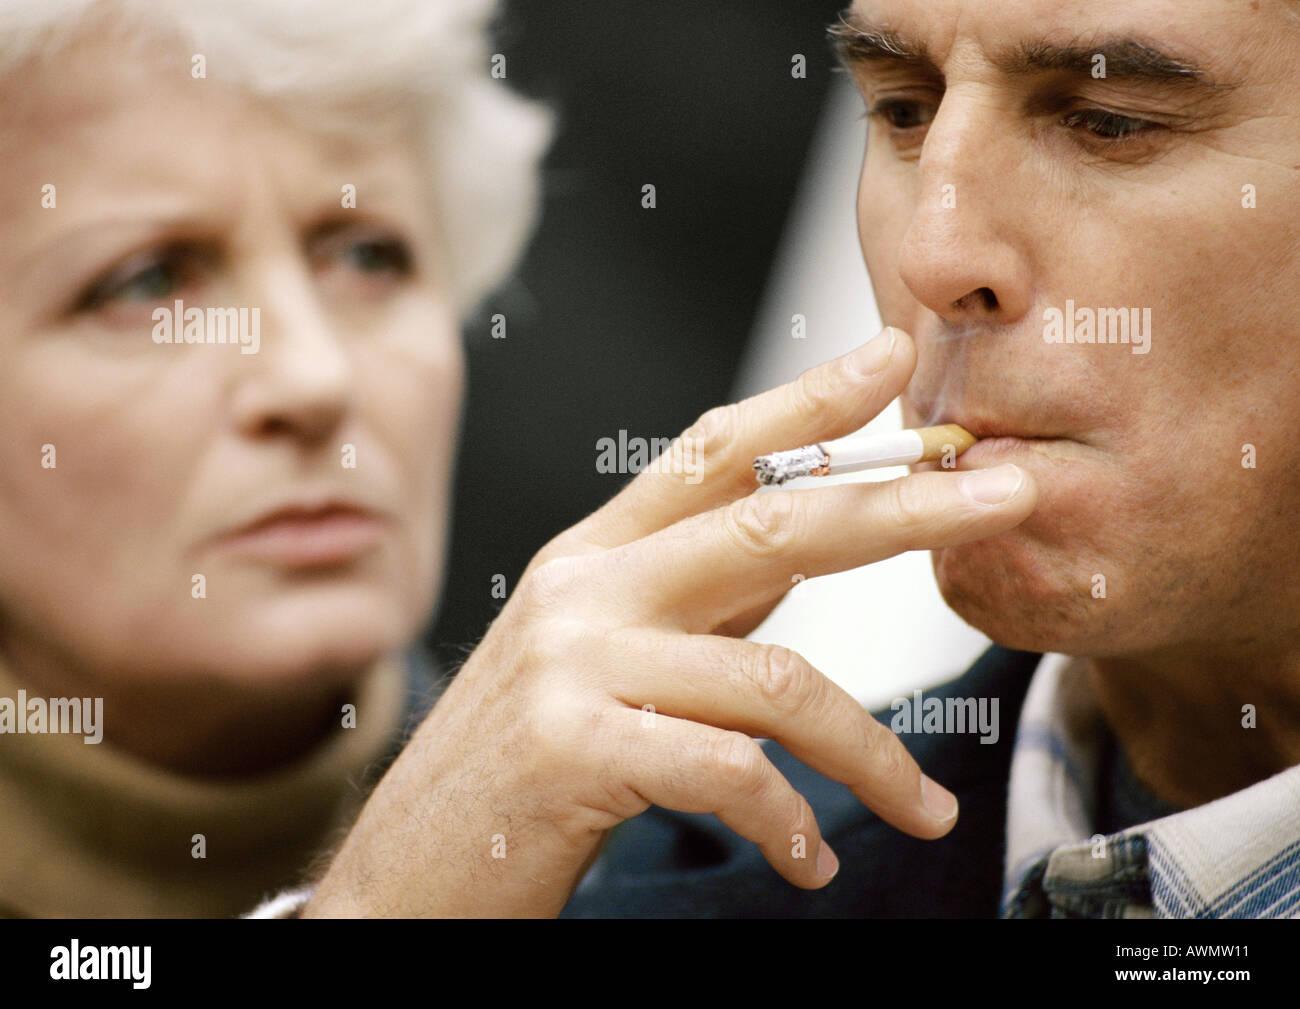 Uomo di fumare, donna sfocati sullo sfondo, close-up Foto Stock